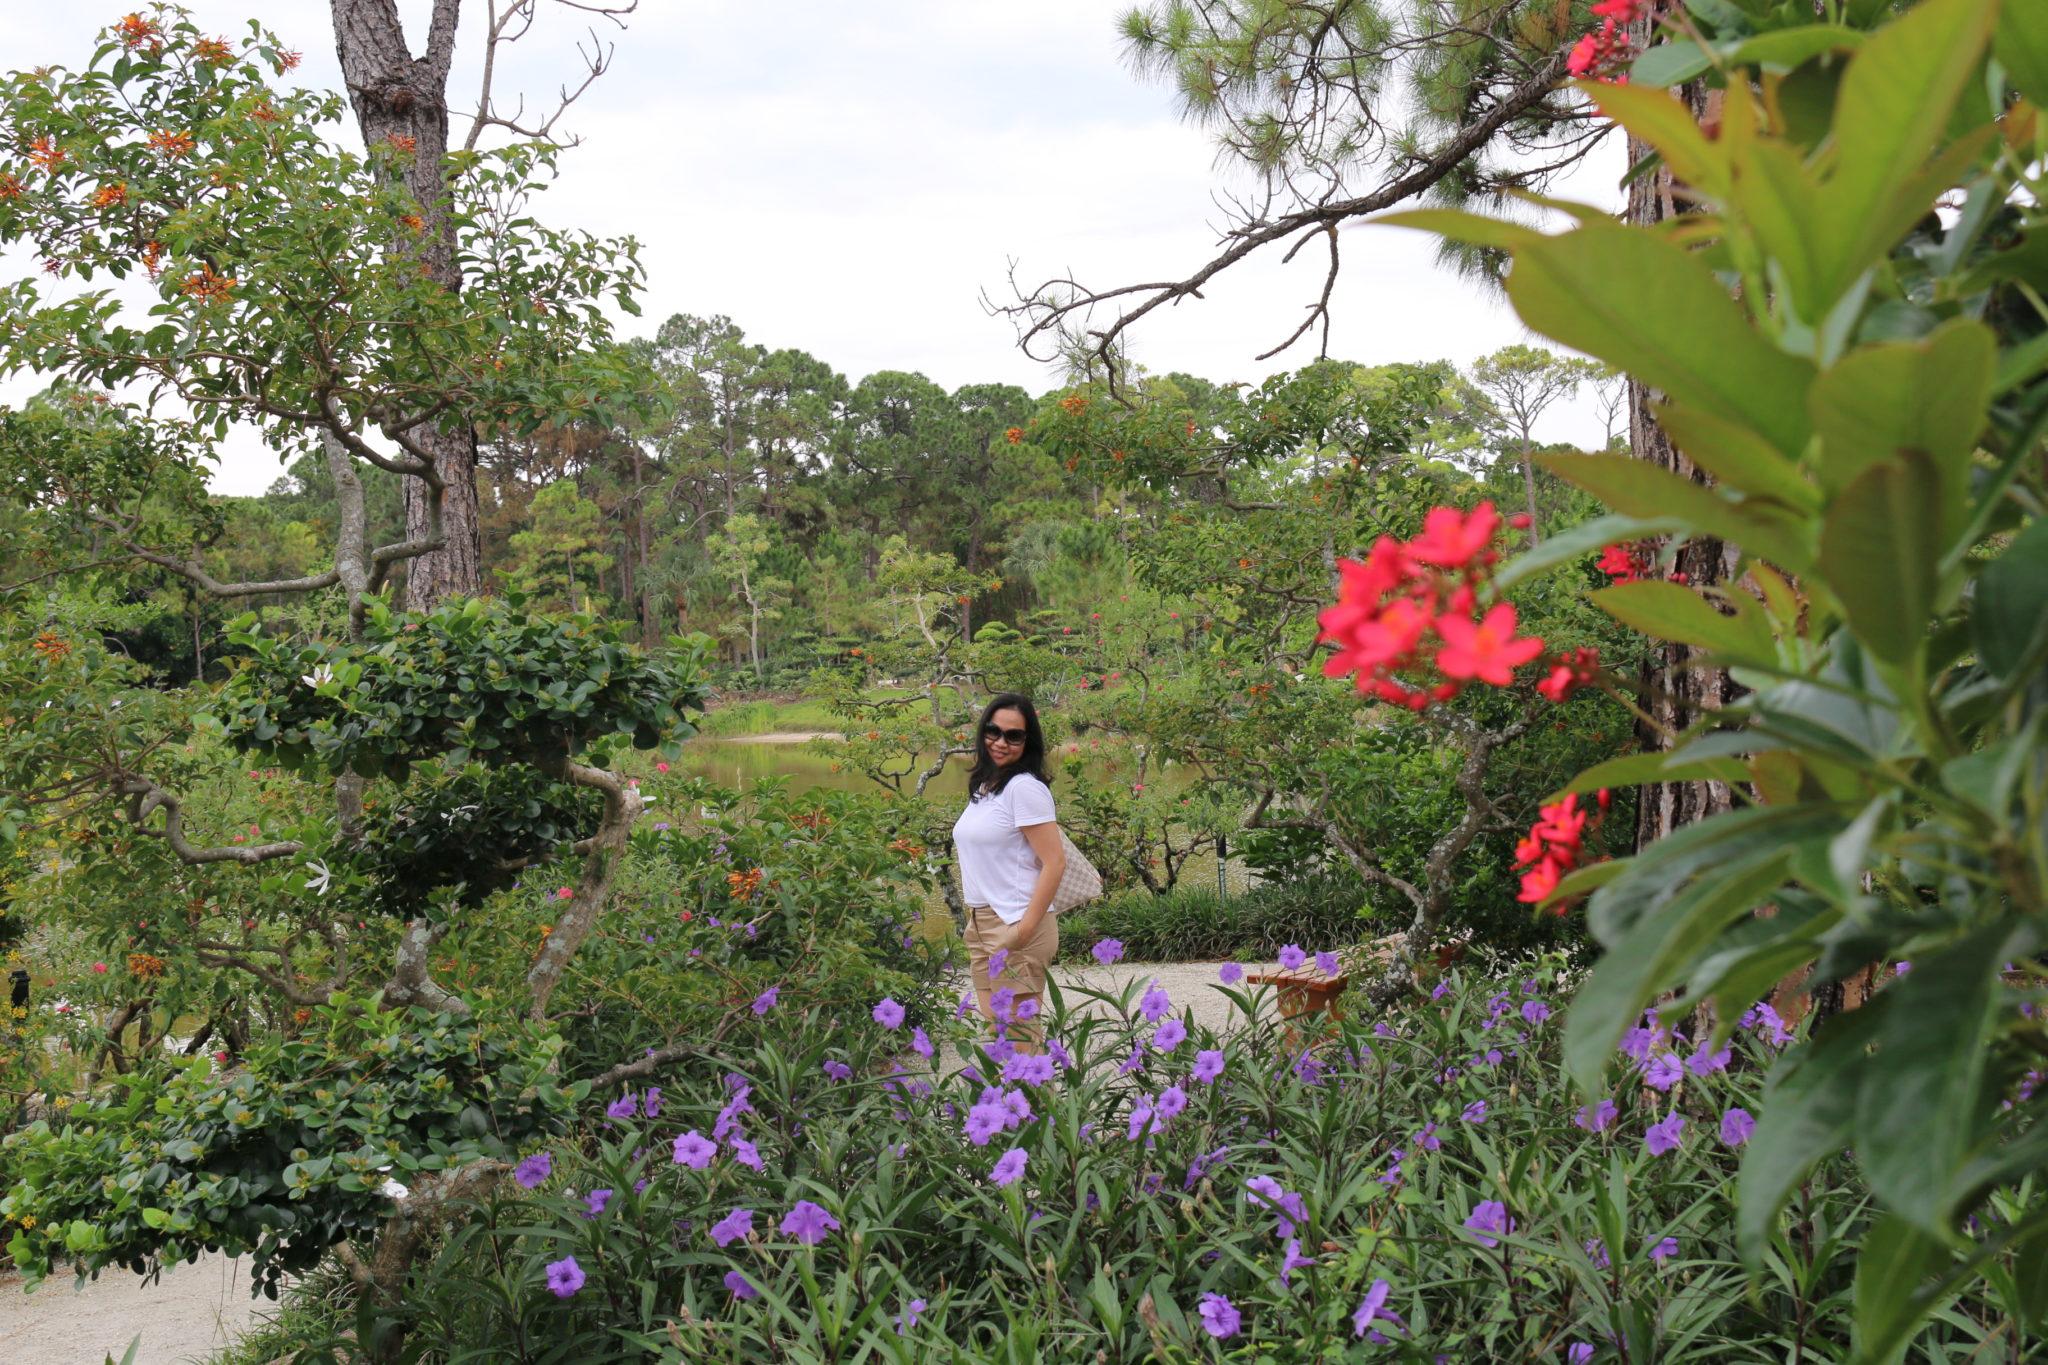 Morikami Museum in Delray Beach, FL